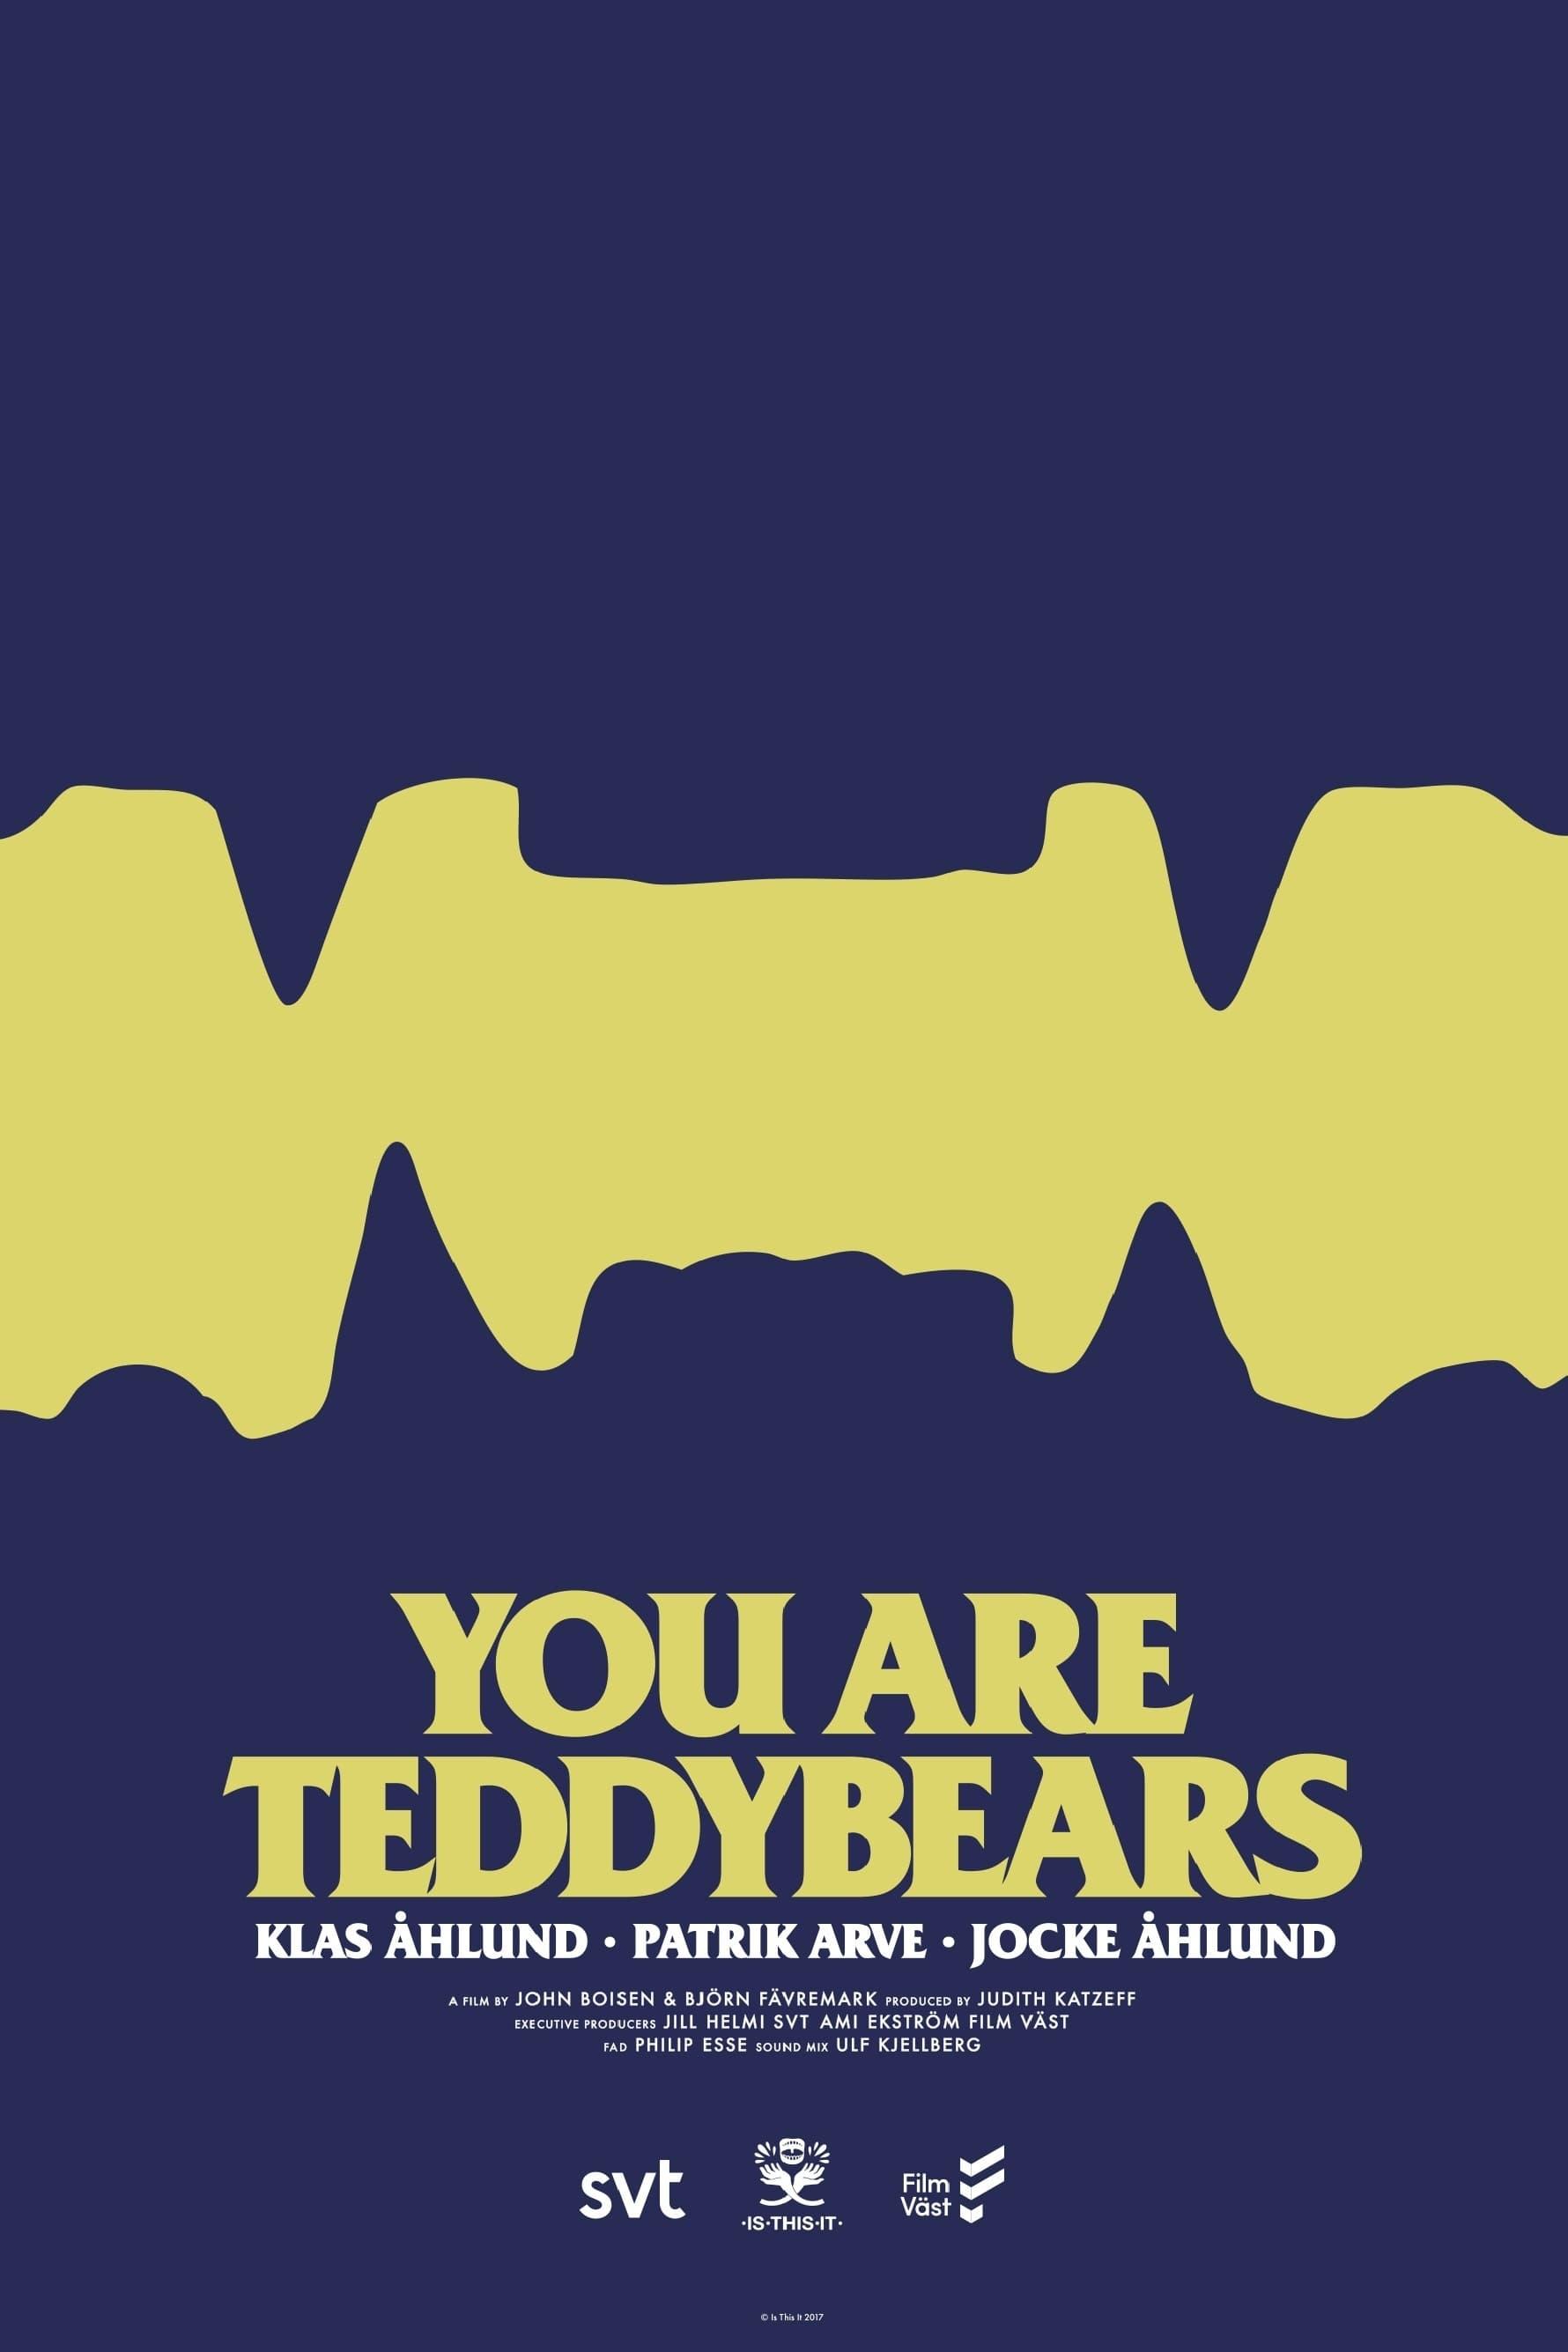 You Are Teddybears